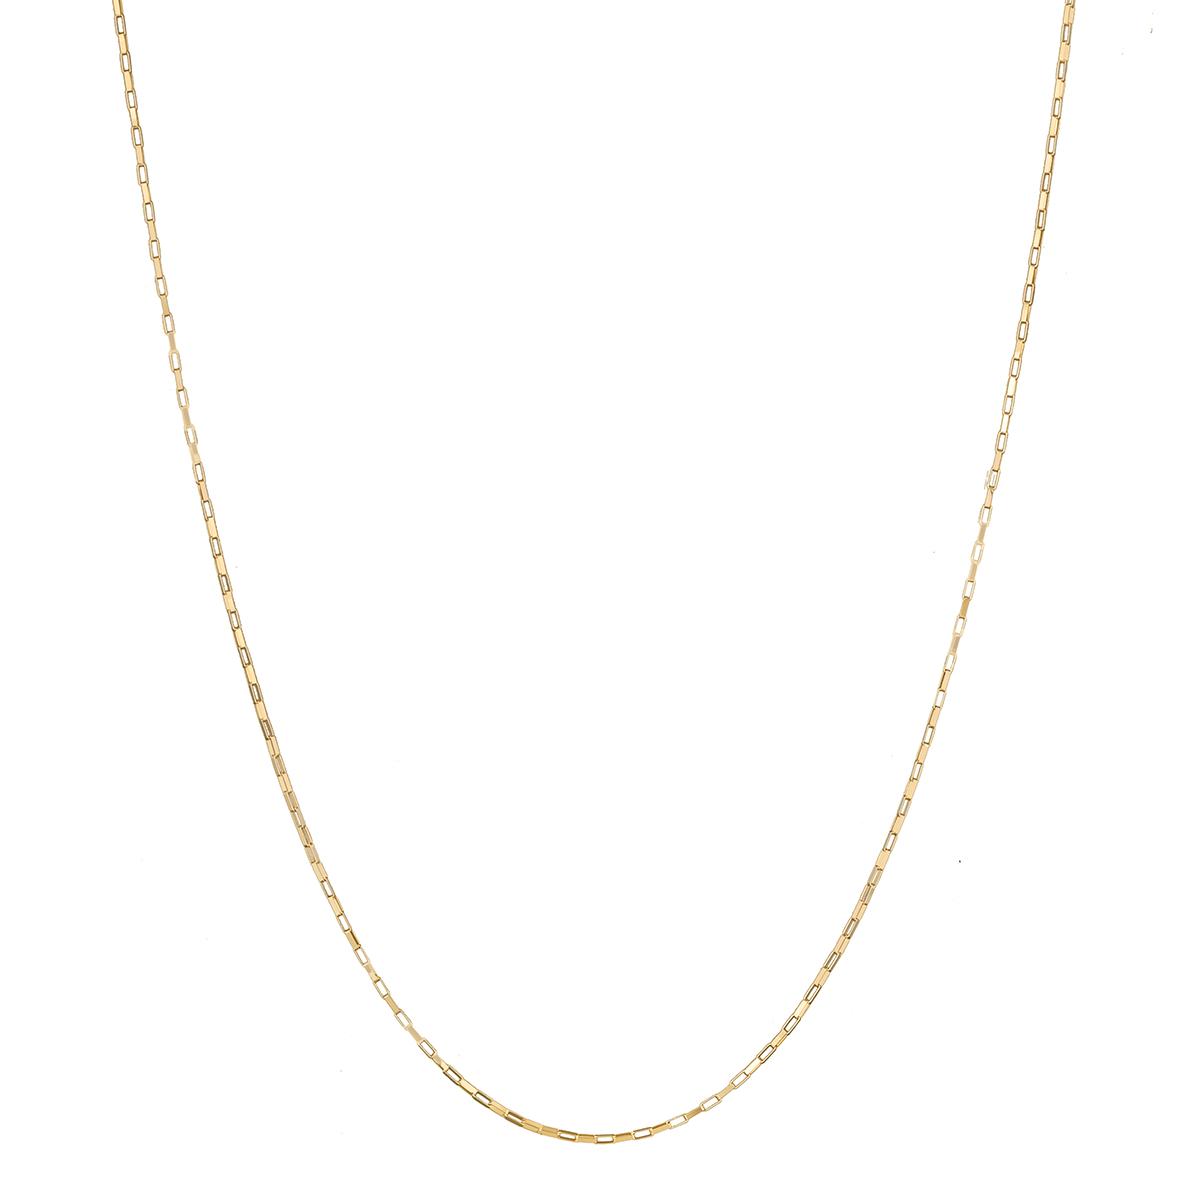 Cordão Corrente Masculina 2.2Gr 70cm Ouro 18k Maciça Cadeado